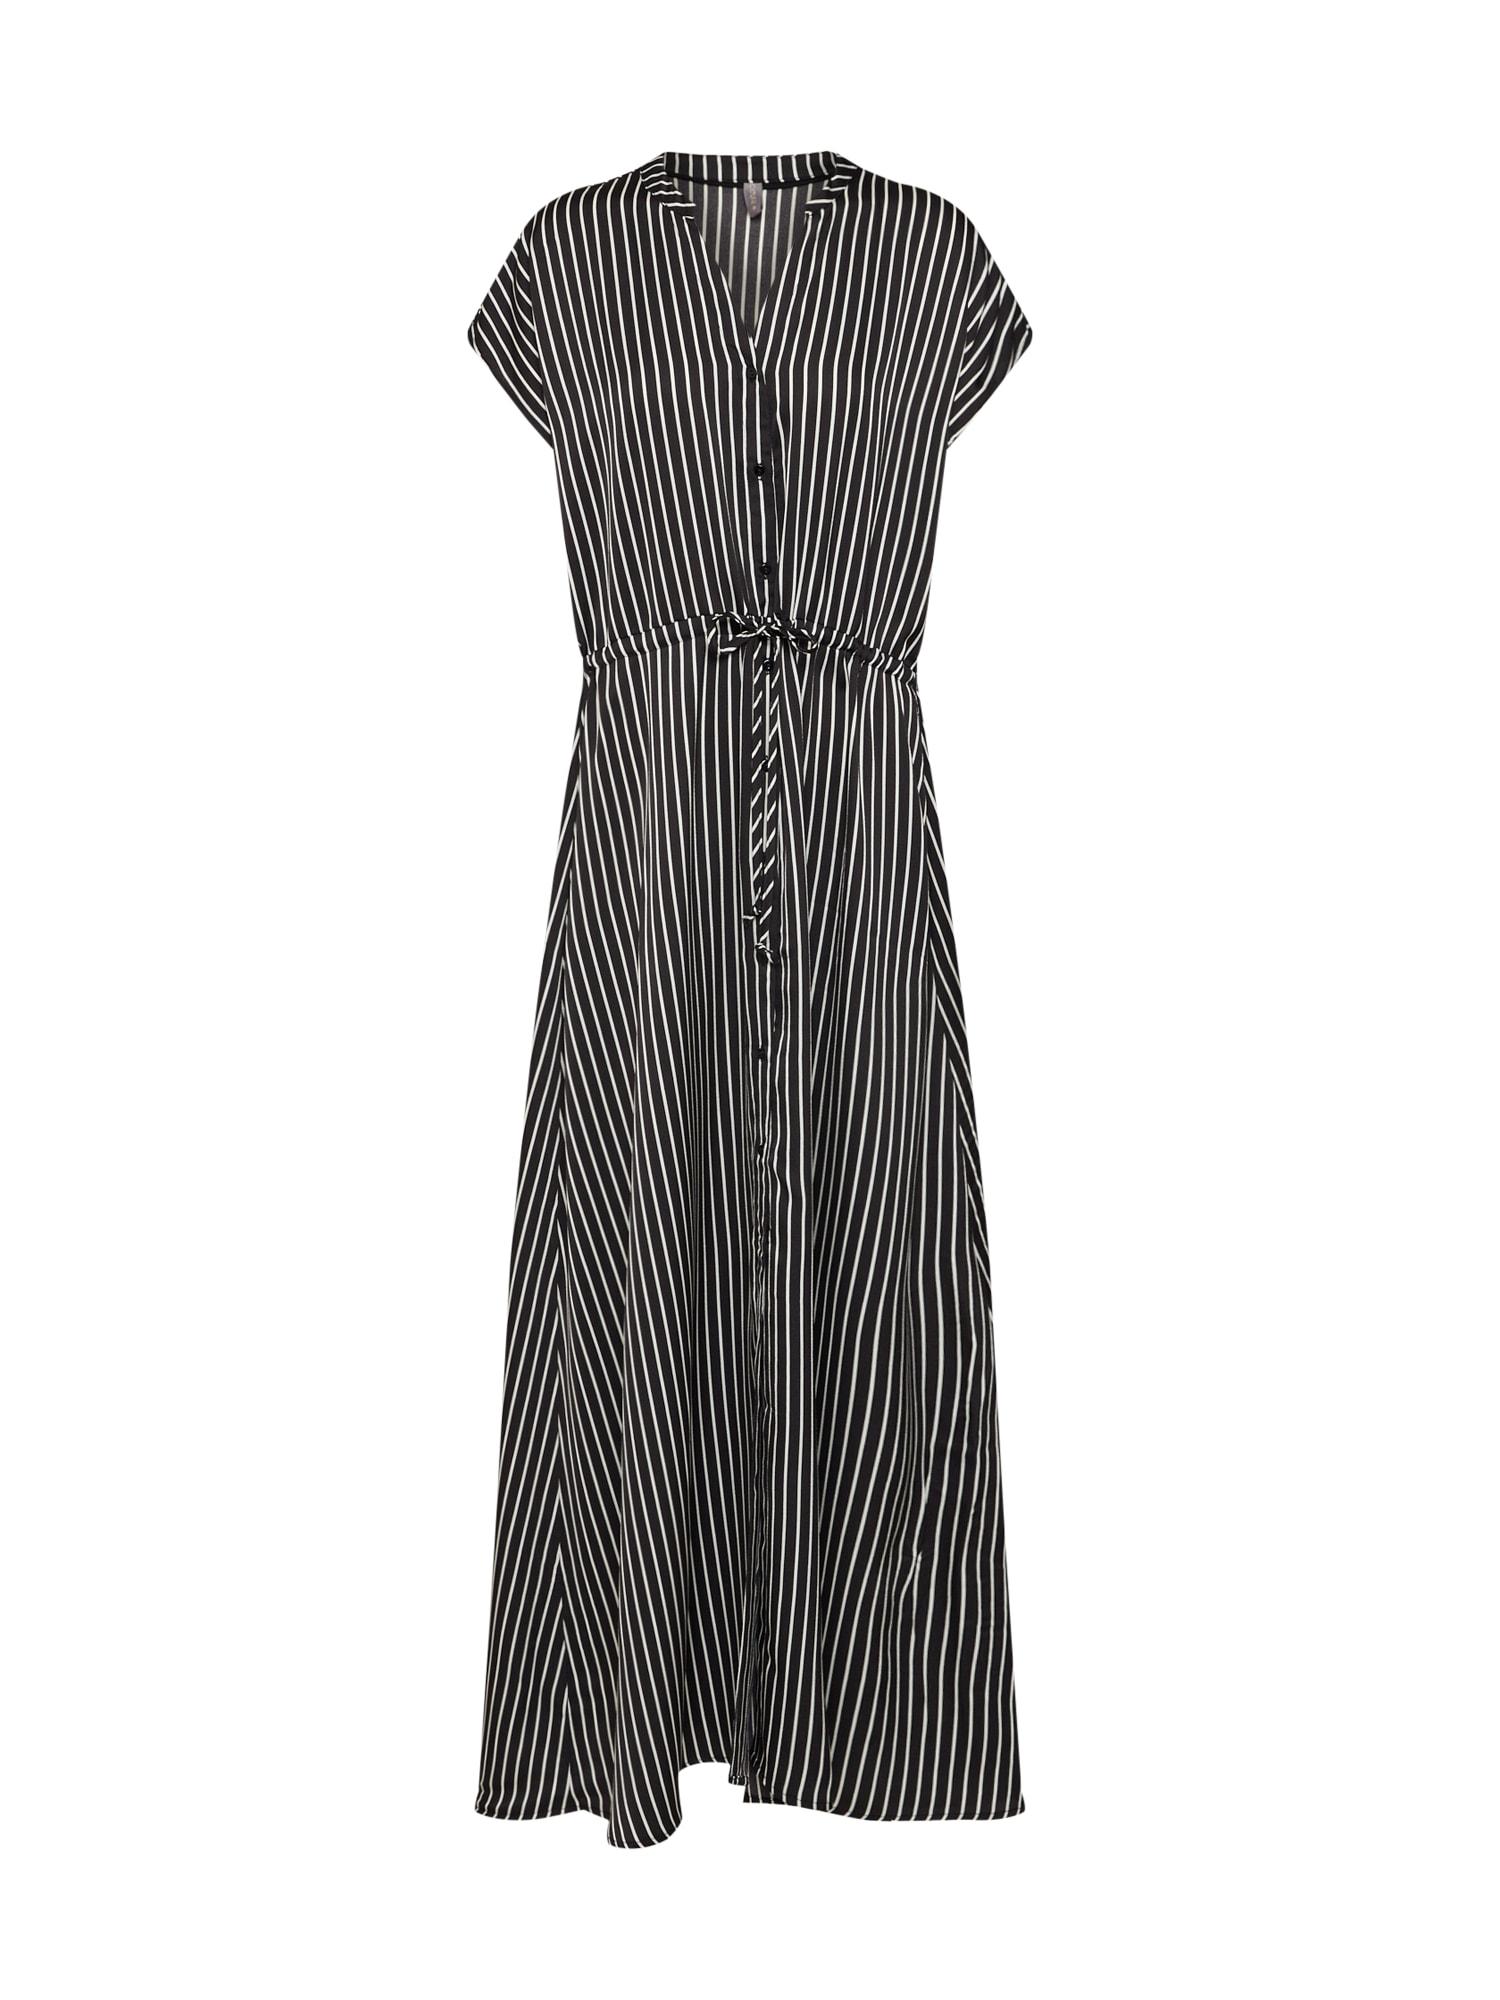 Košilové šaty Annsofie černá bílá CULTURE